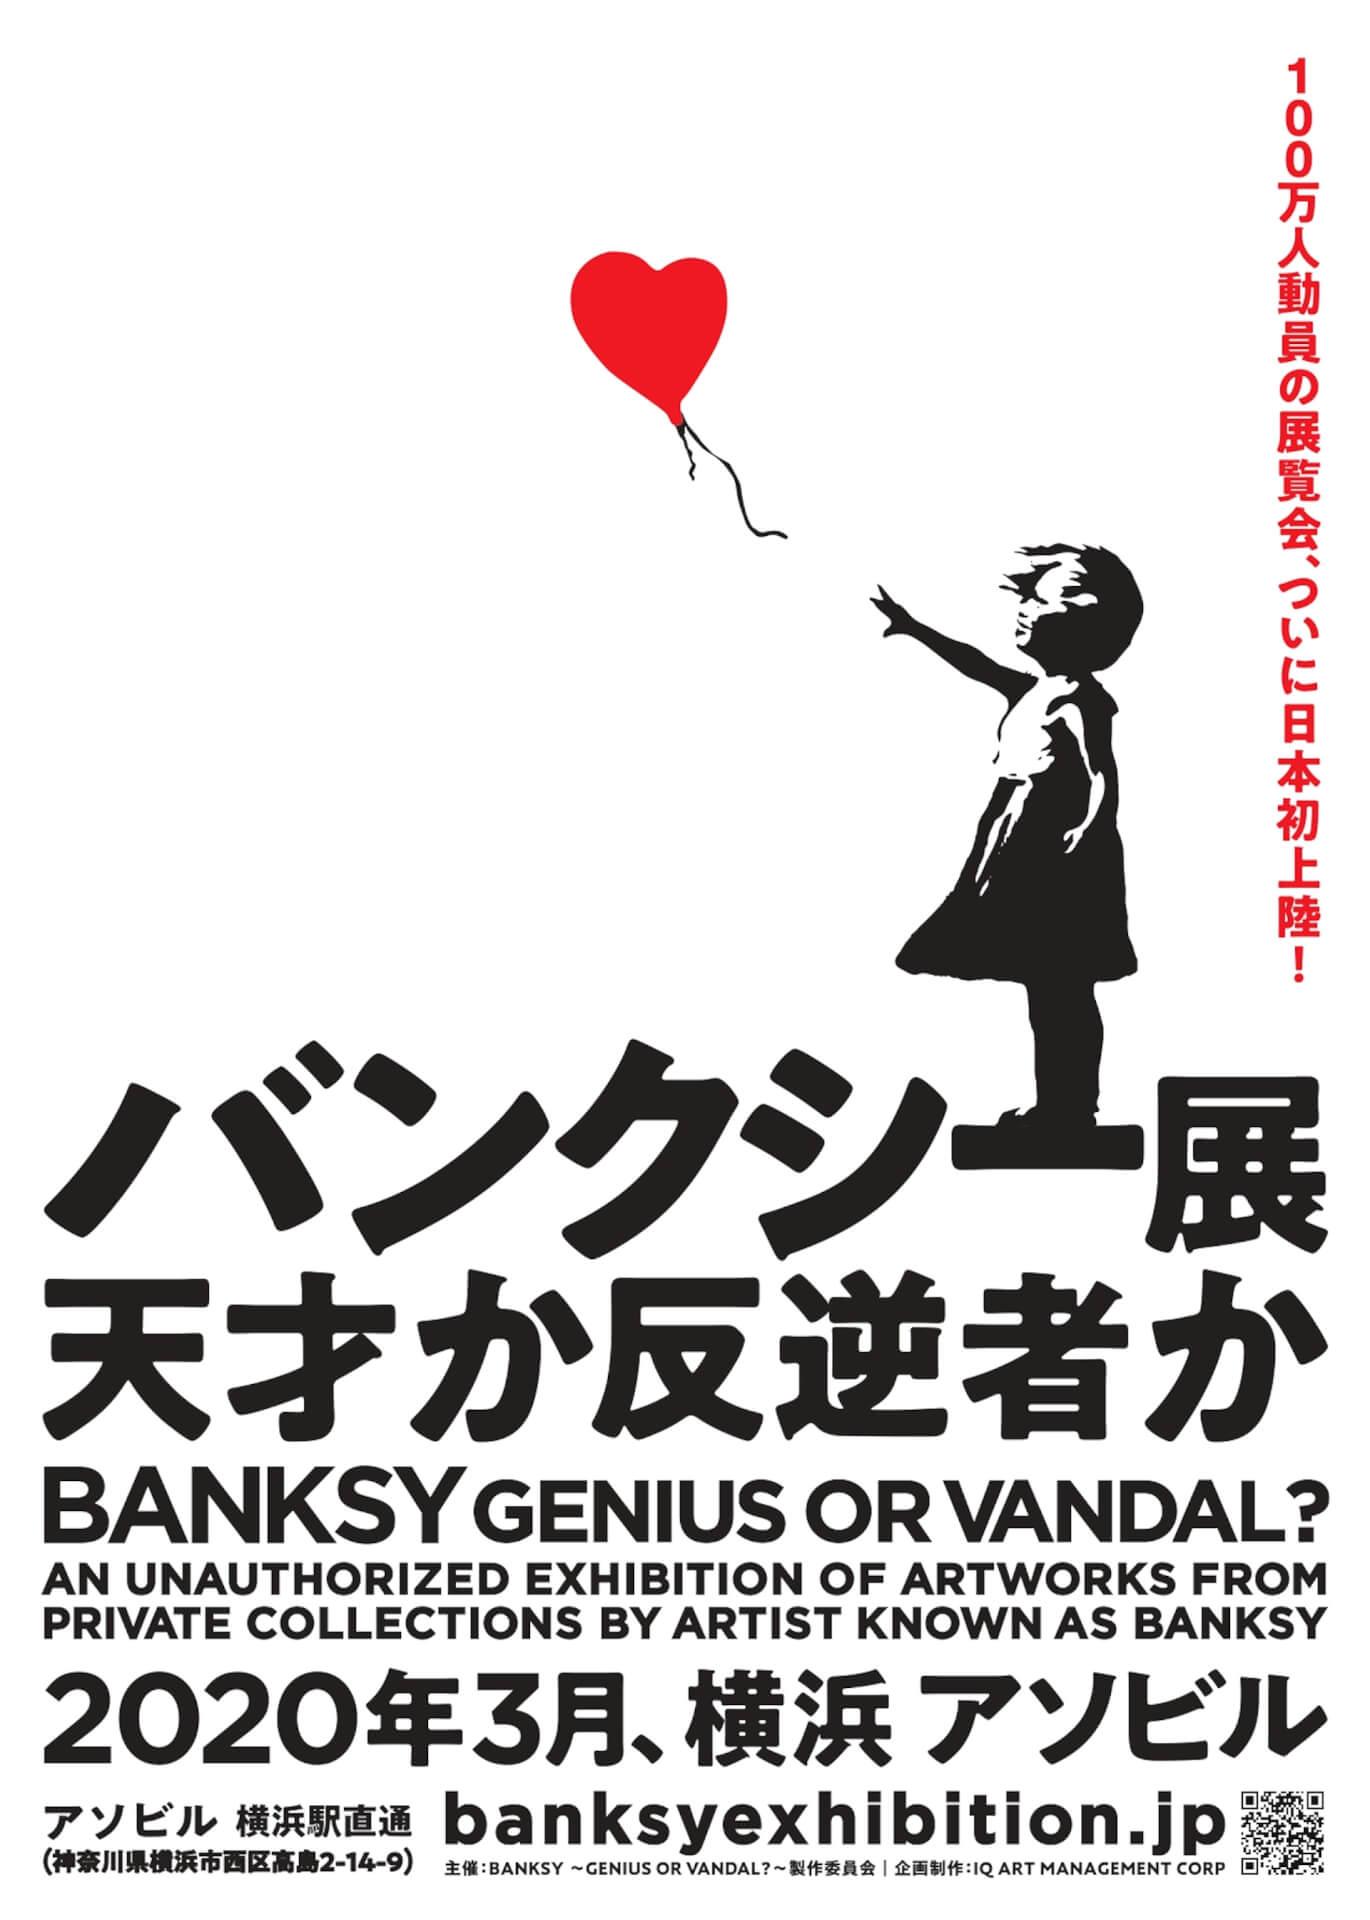 バンクシー日本初公開のコレクションが上陸!<バンクシー展 天才か反逆者か>横浜で開催決定 art191105_banksy_1